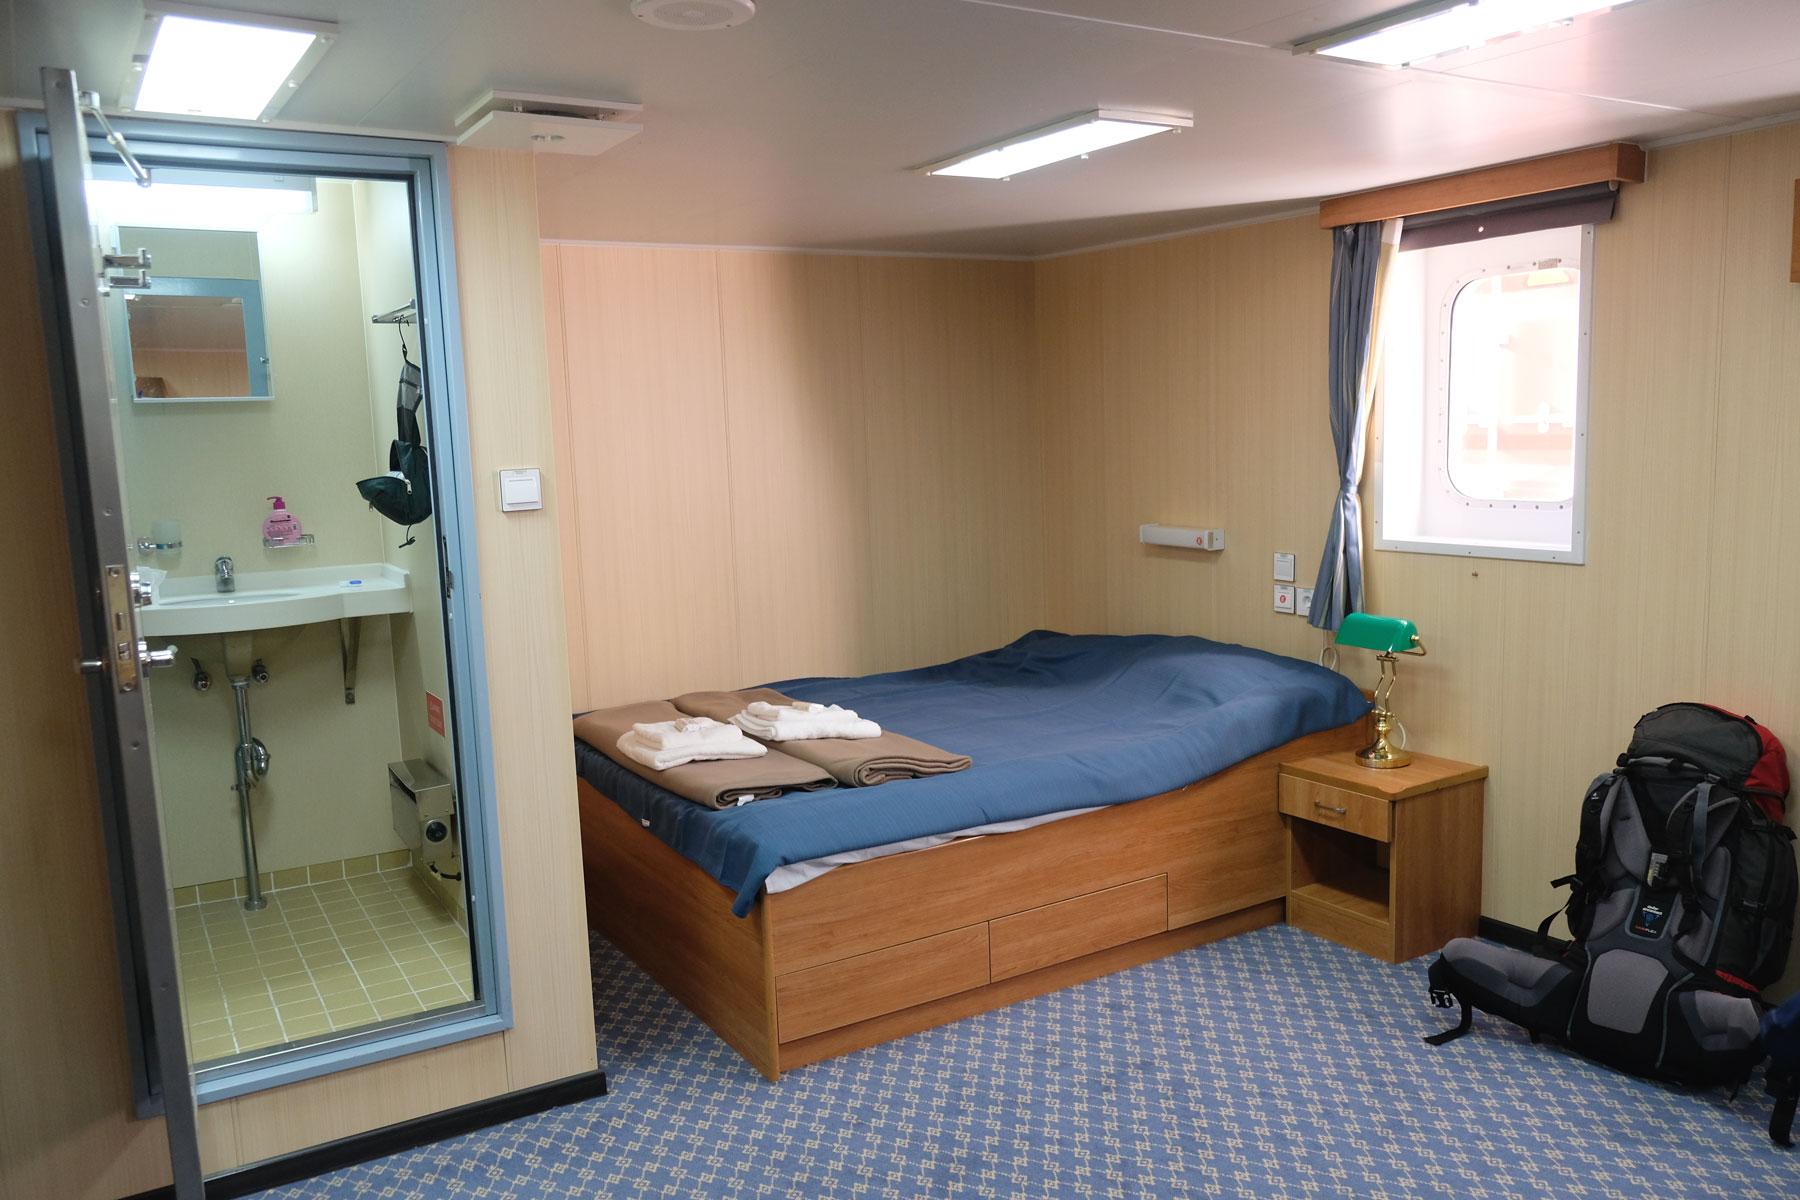 Bett und Bad in der Kabine eines Containerschiffs.